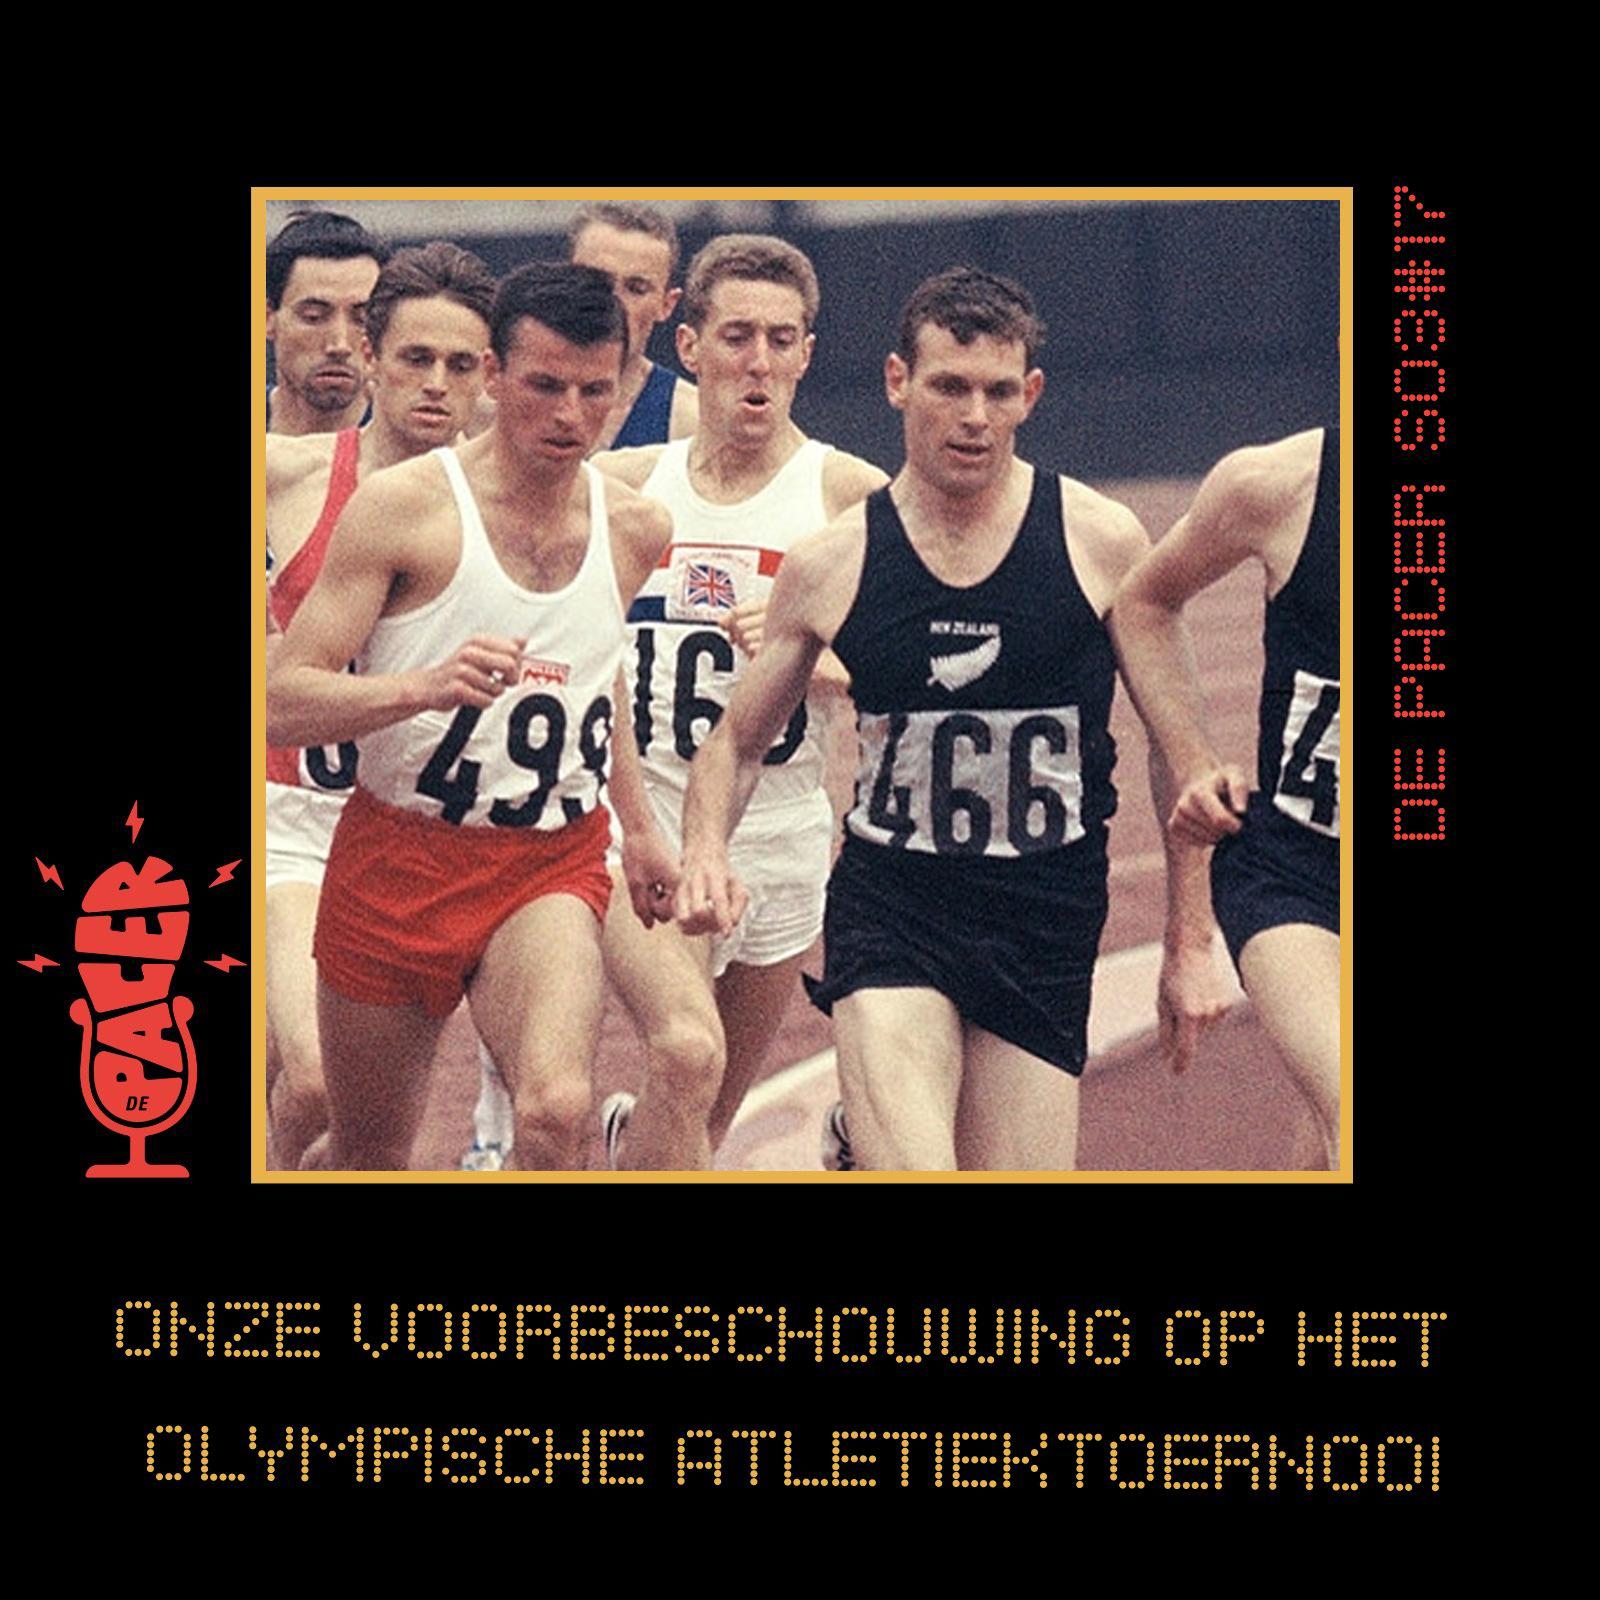 Voorbeschouwing op het olympische atletiektoernooi